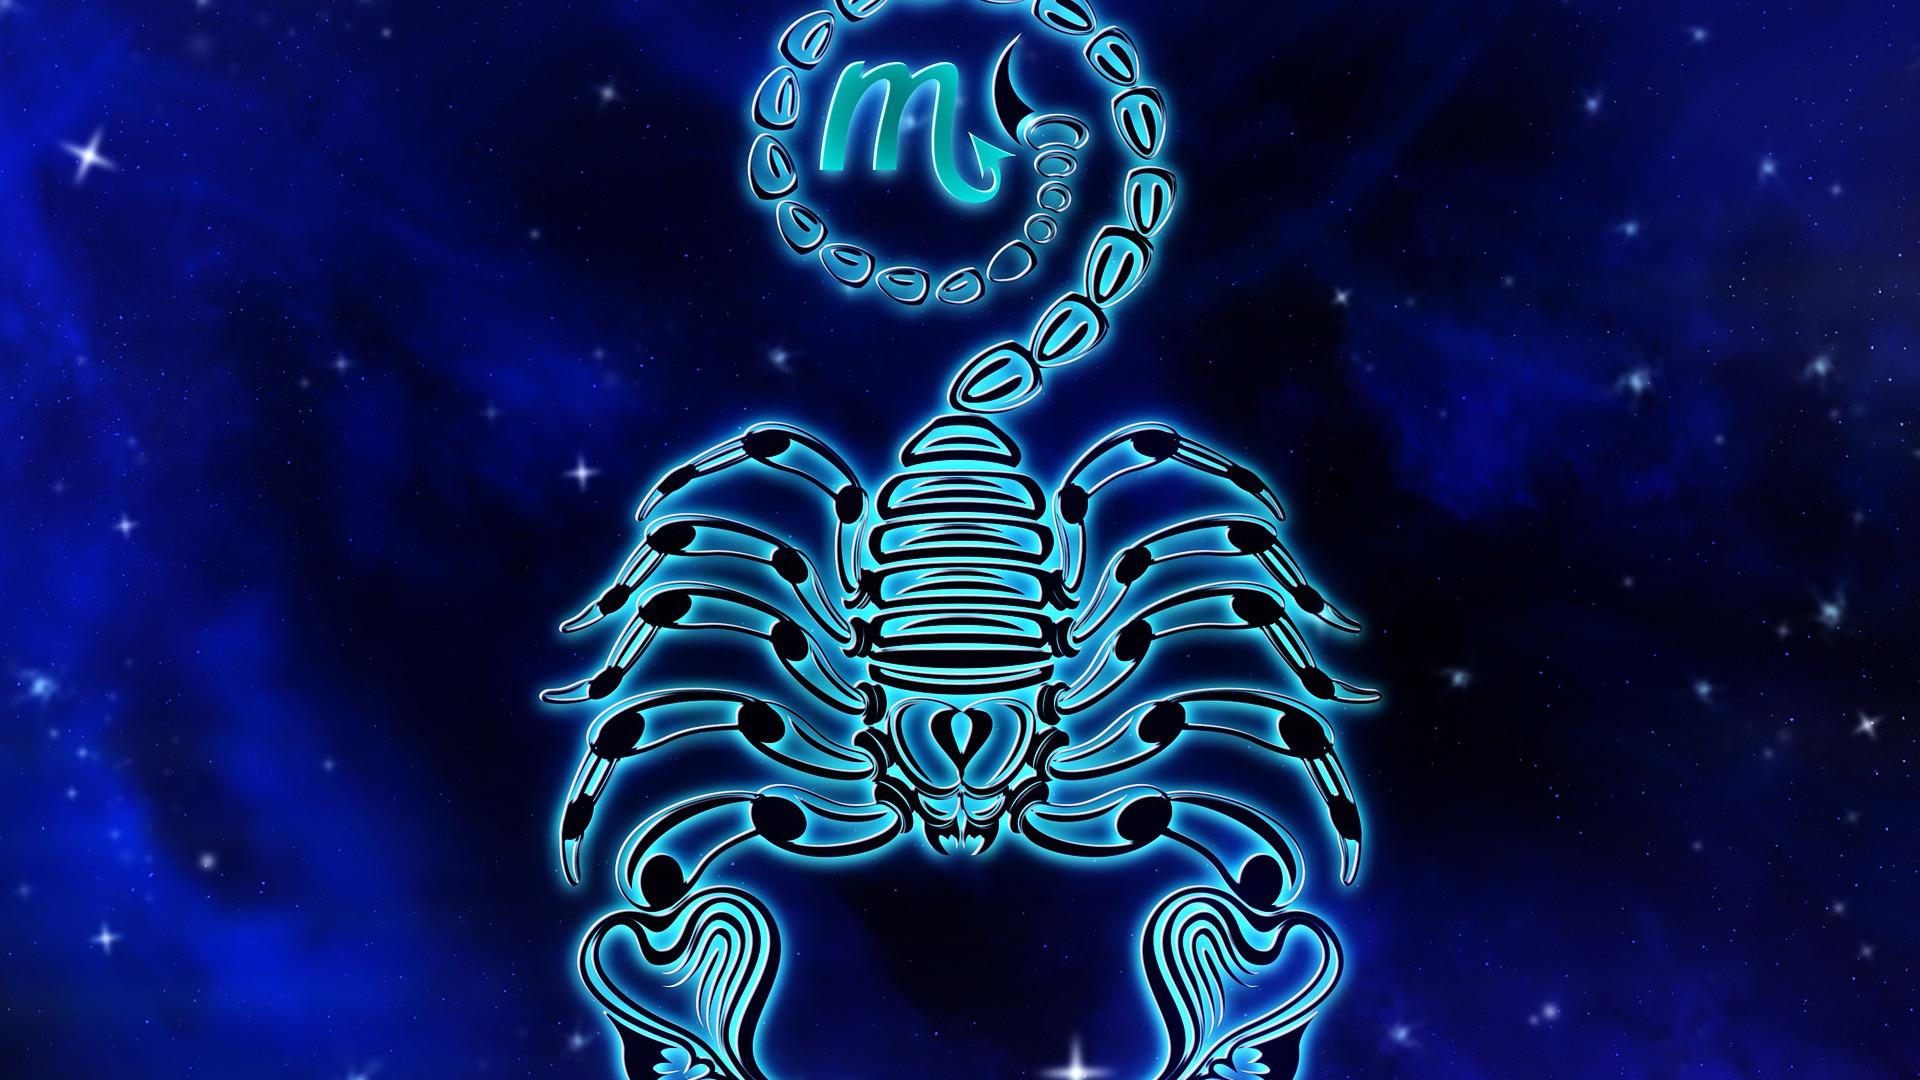 обои на телефон знаки зодиака скорпион этом прекрасно общается